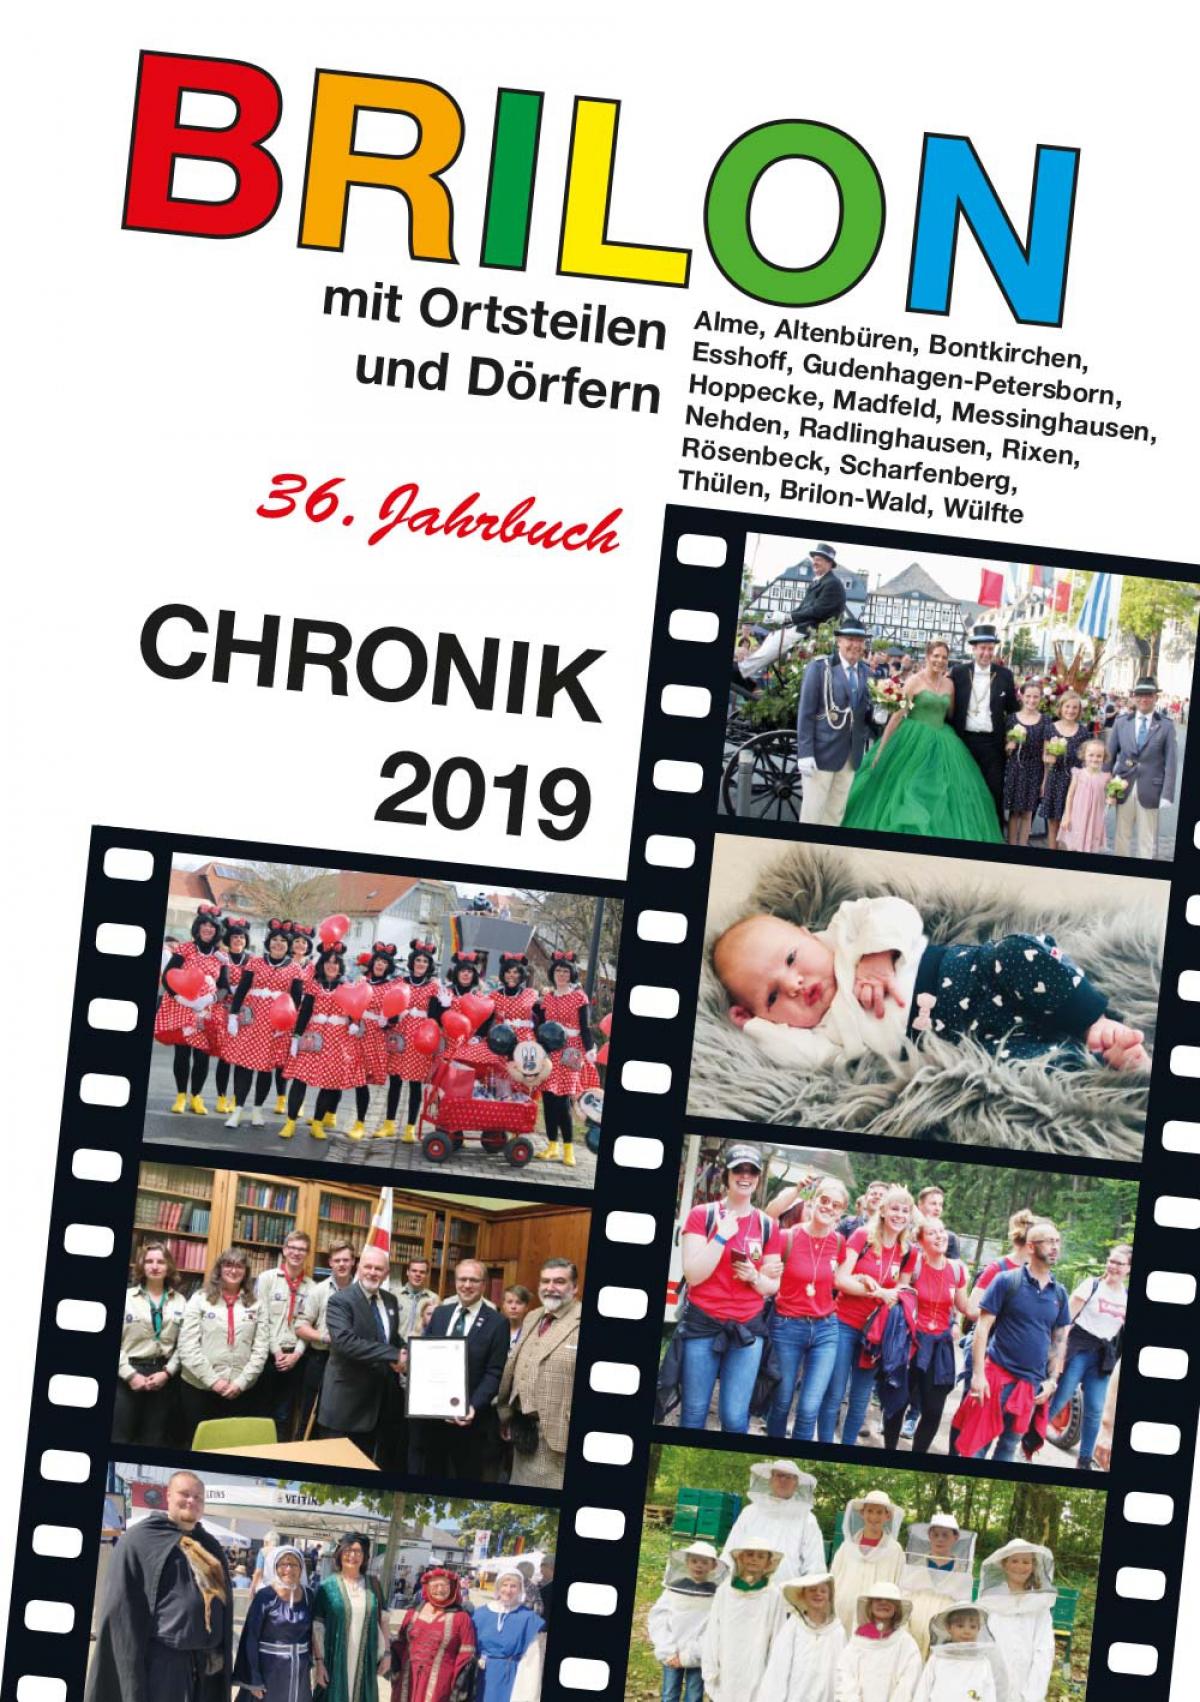 Die Briloner Chronik 2020 ist ab dem 27. November für 10€ erhältlich